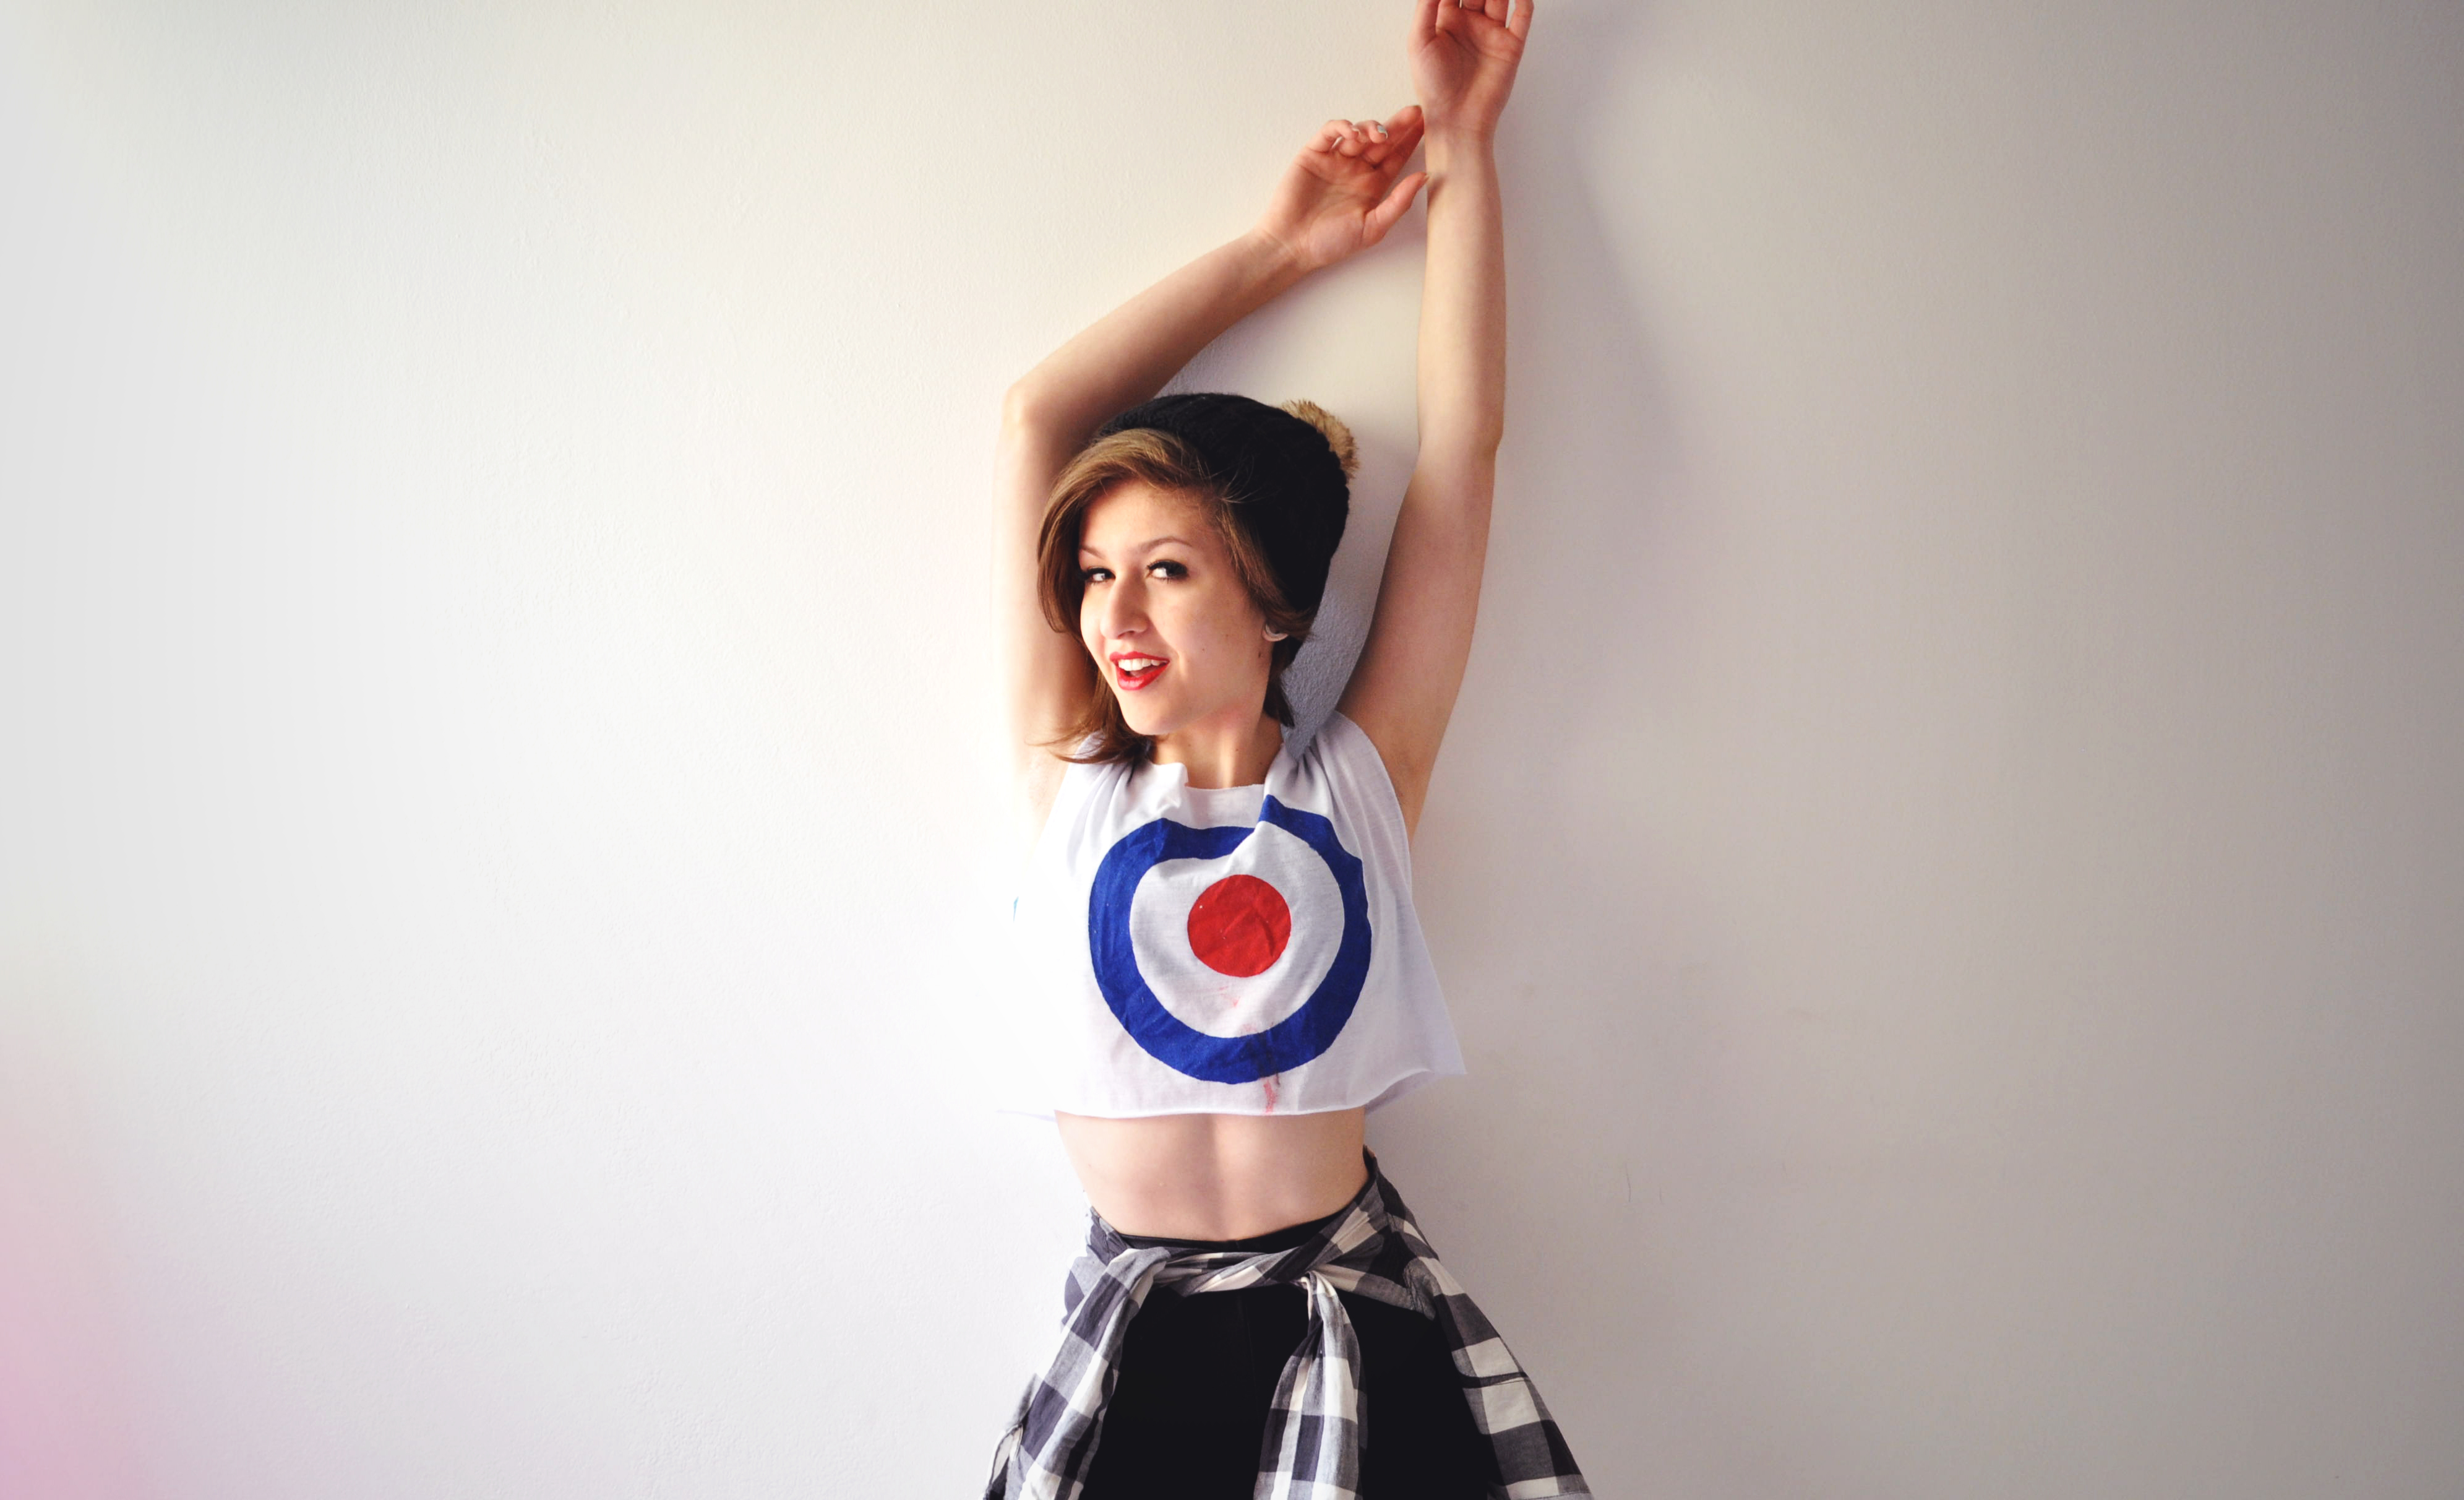 Chicas asiaticas lindas - 3983x2424